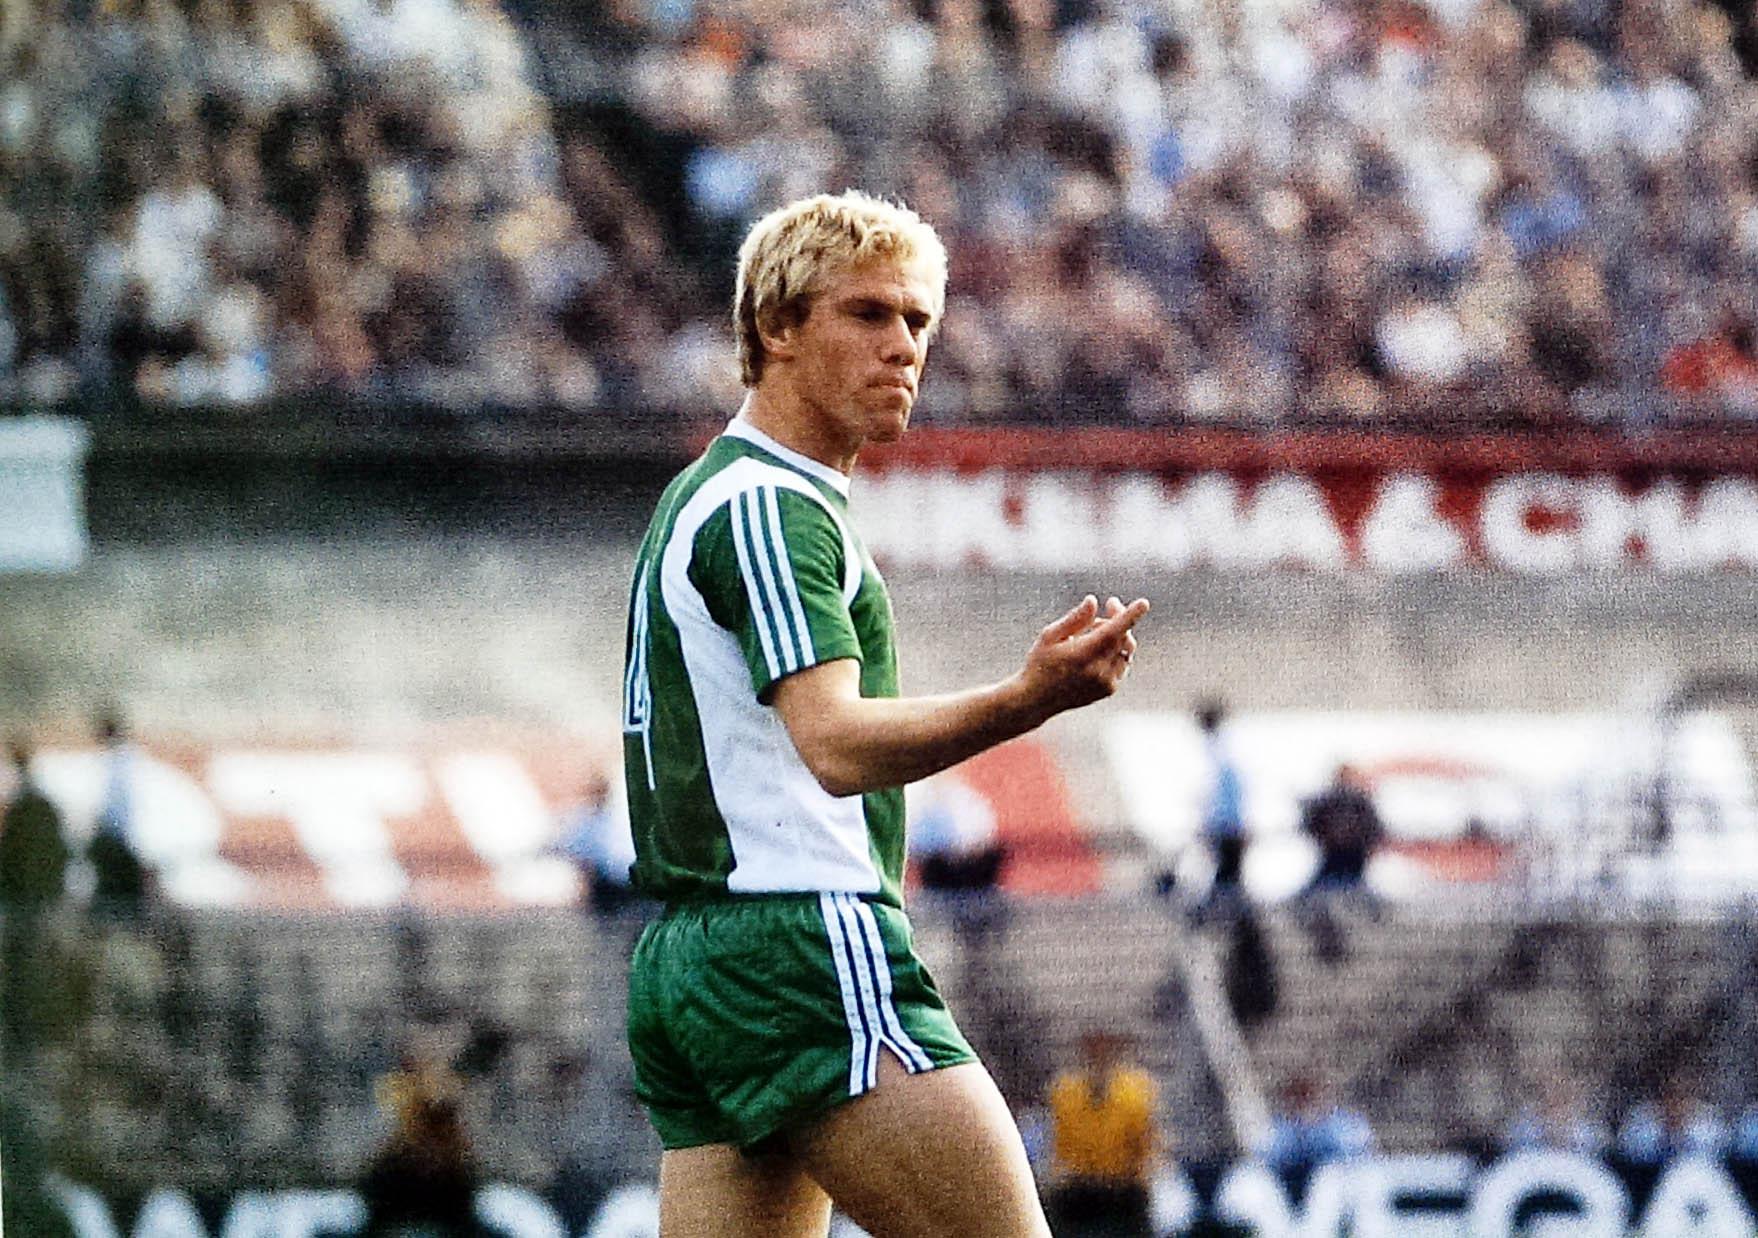 Ajax - Feyenoord, 4 september 1977 (2-2) - Wim Rijsbergen in actie